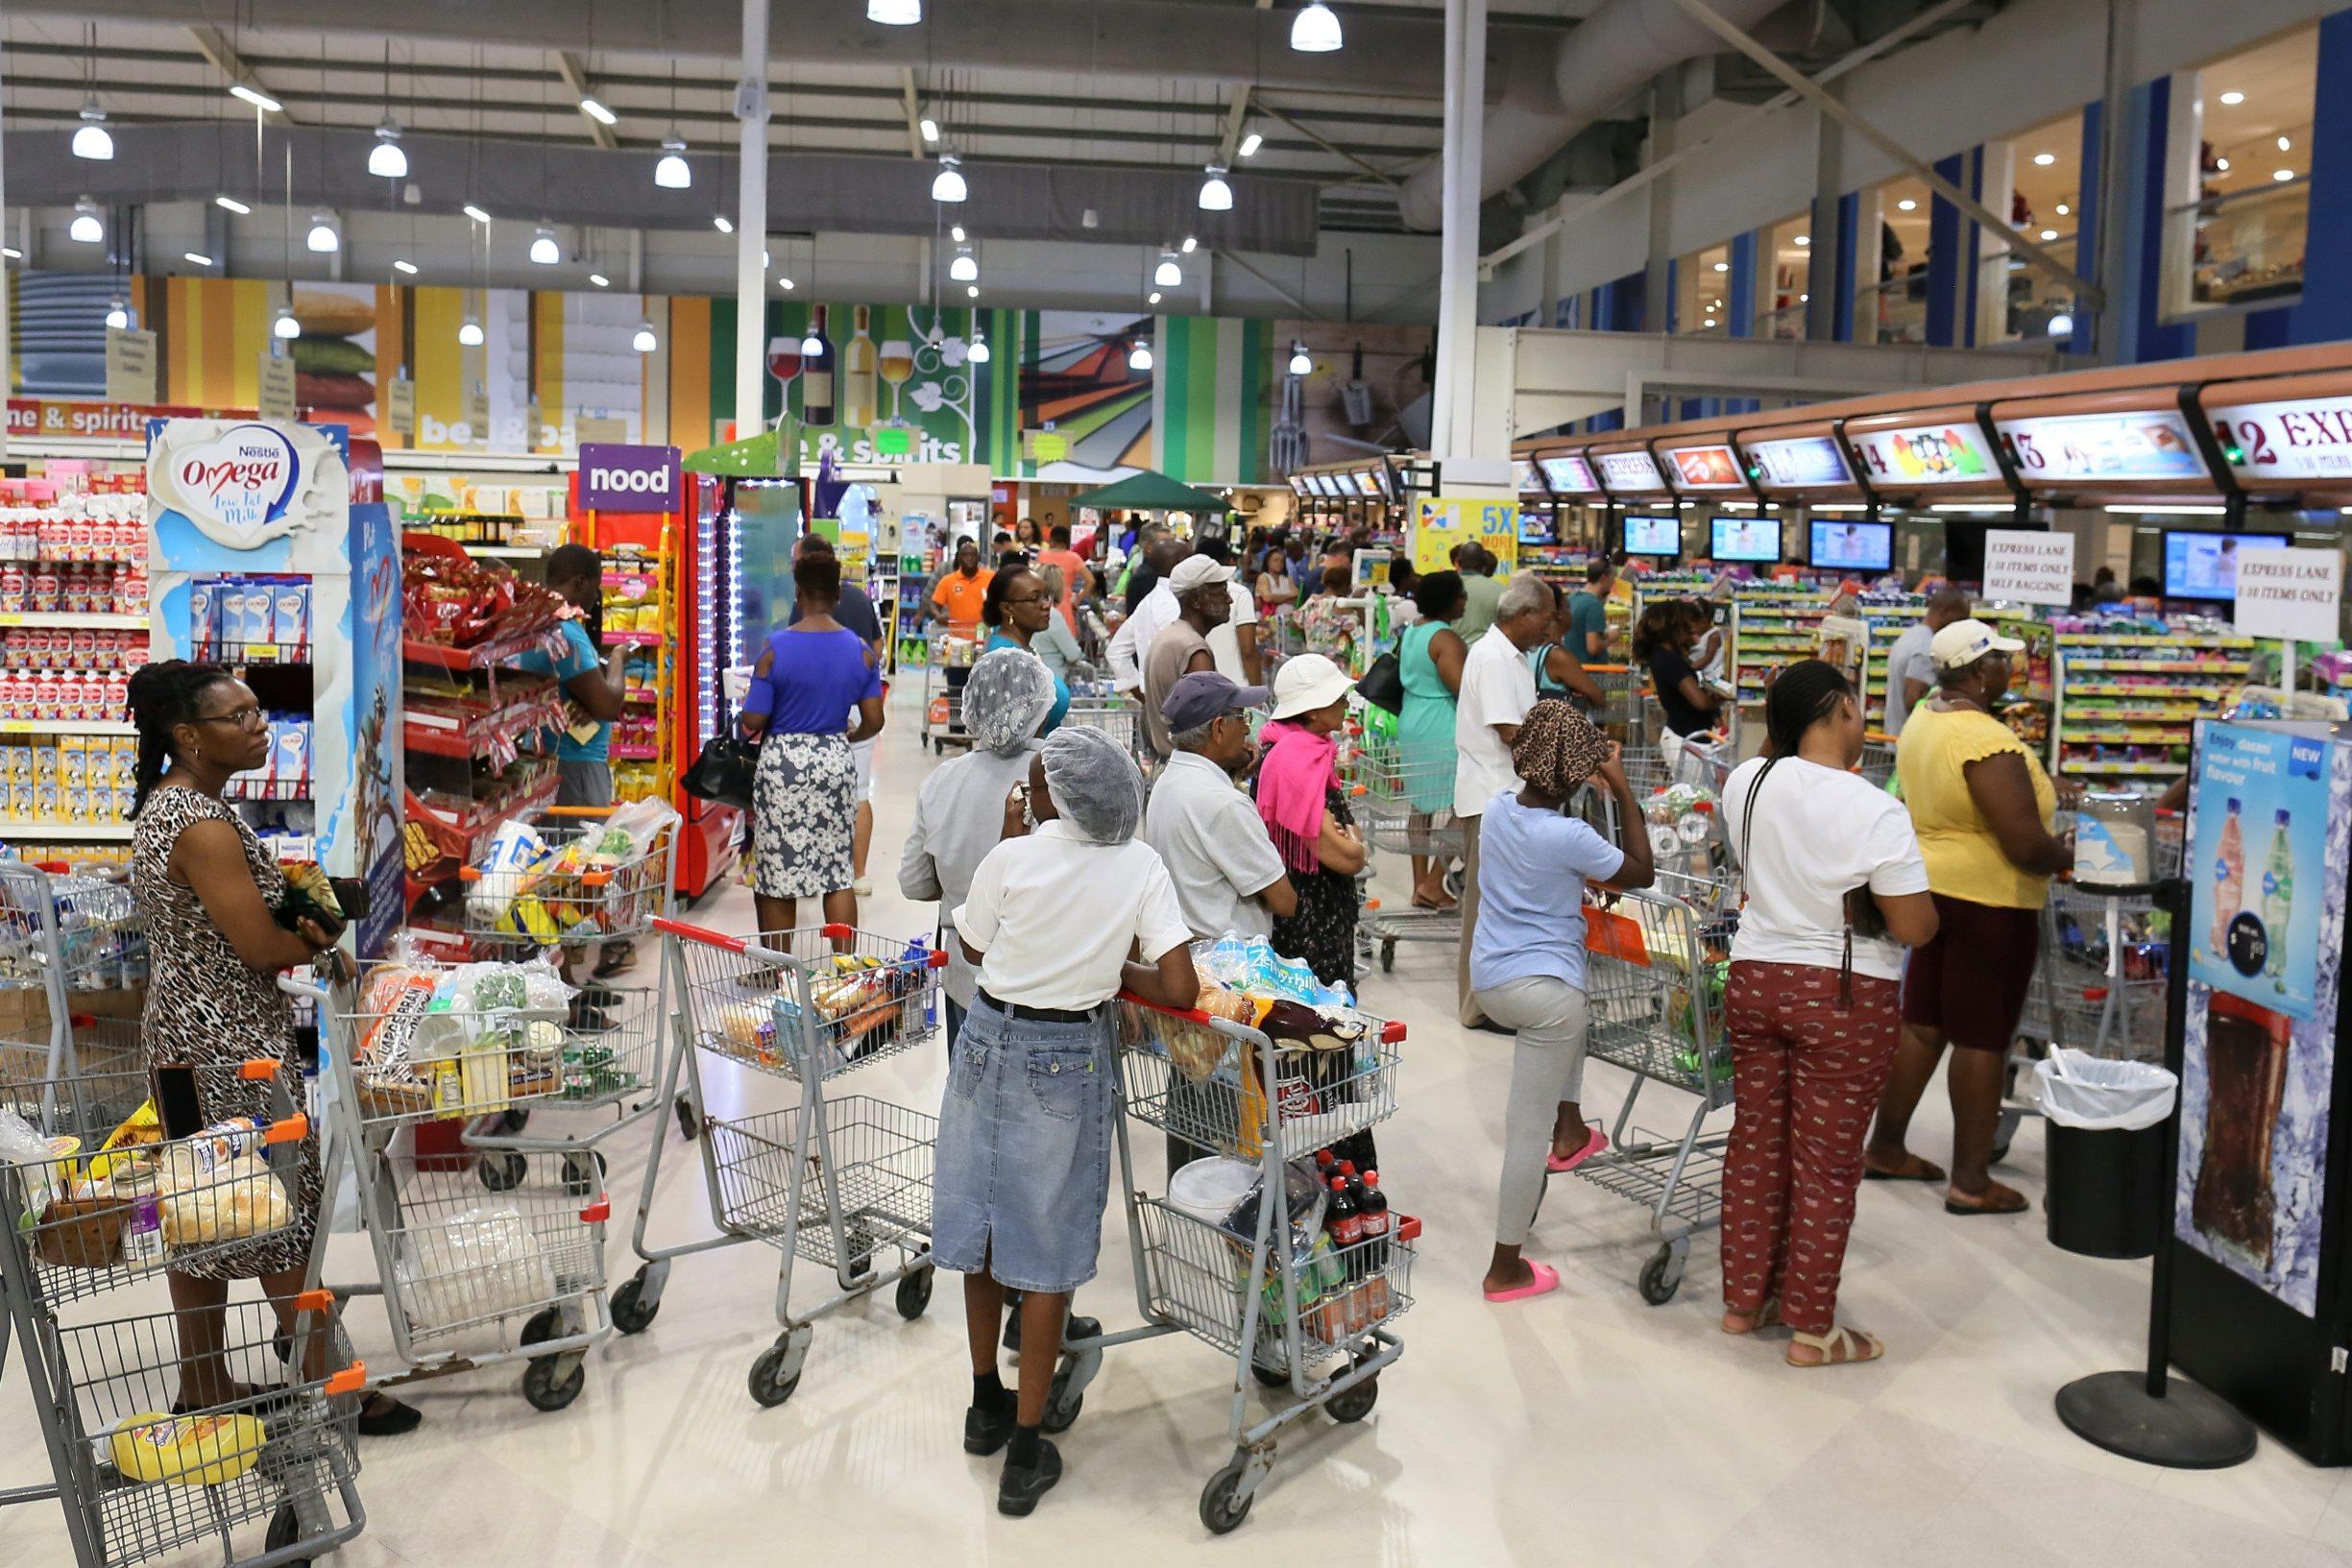 Gužva u supermarketu u Bridgetownu u Barbadosu zbog dolaska tropske oluje Dorian